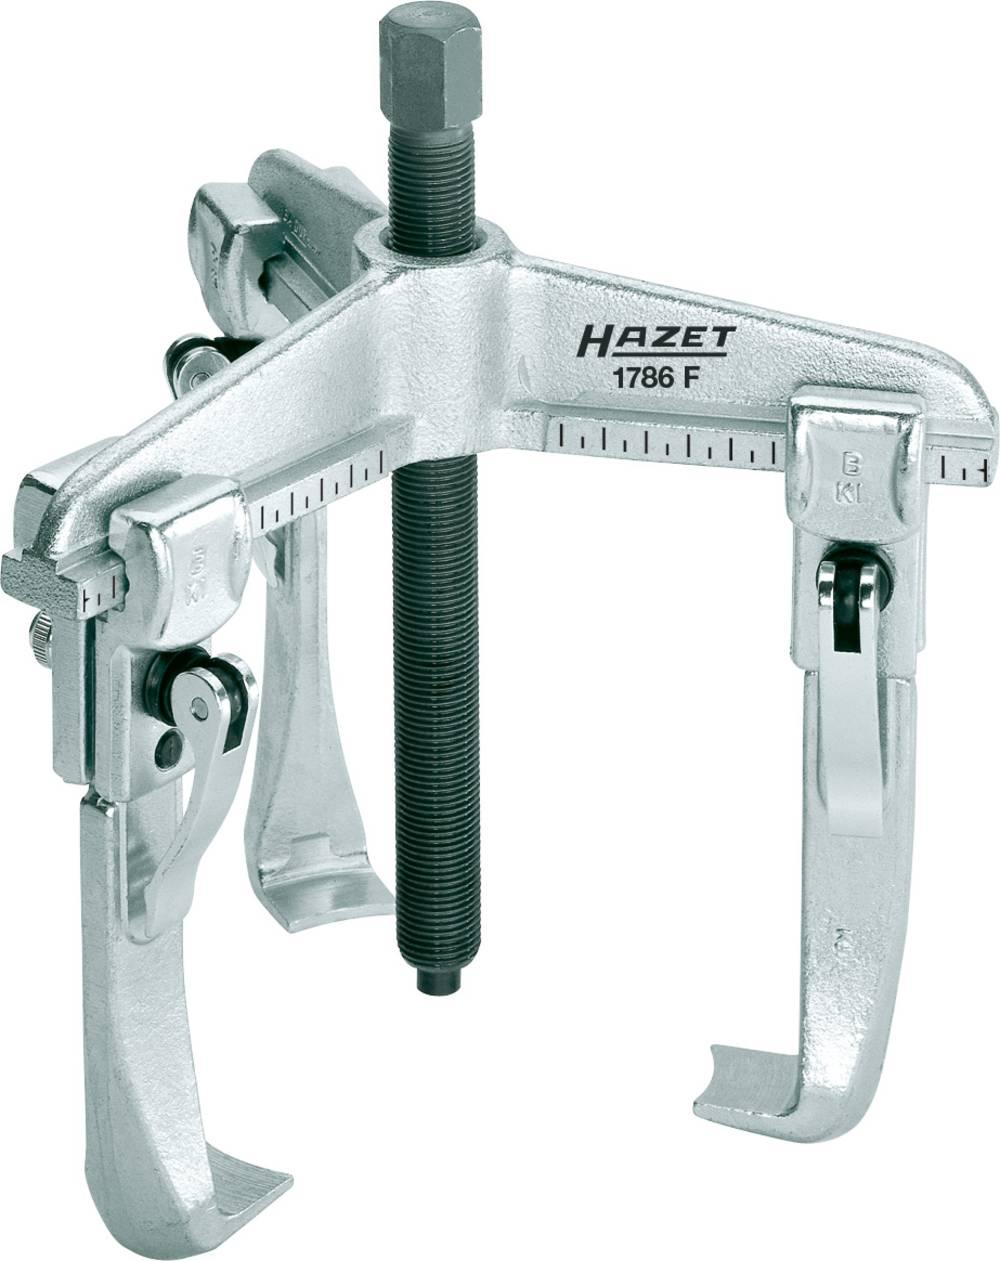 Quick-release aftrækker 3-arm Hazet 1786F-9